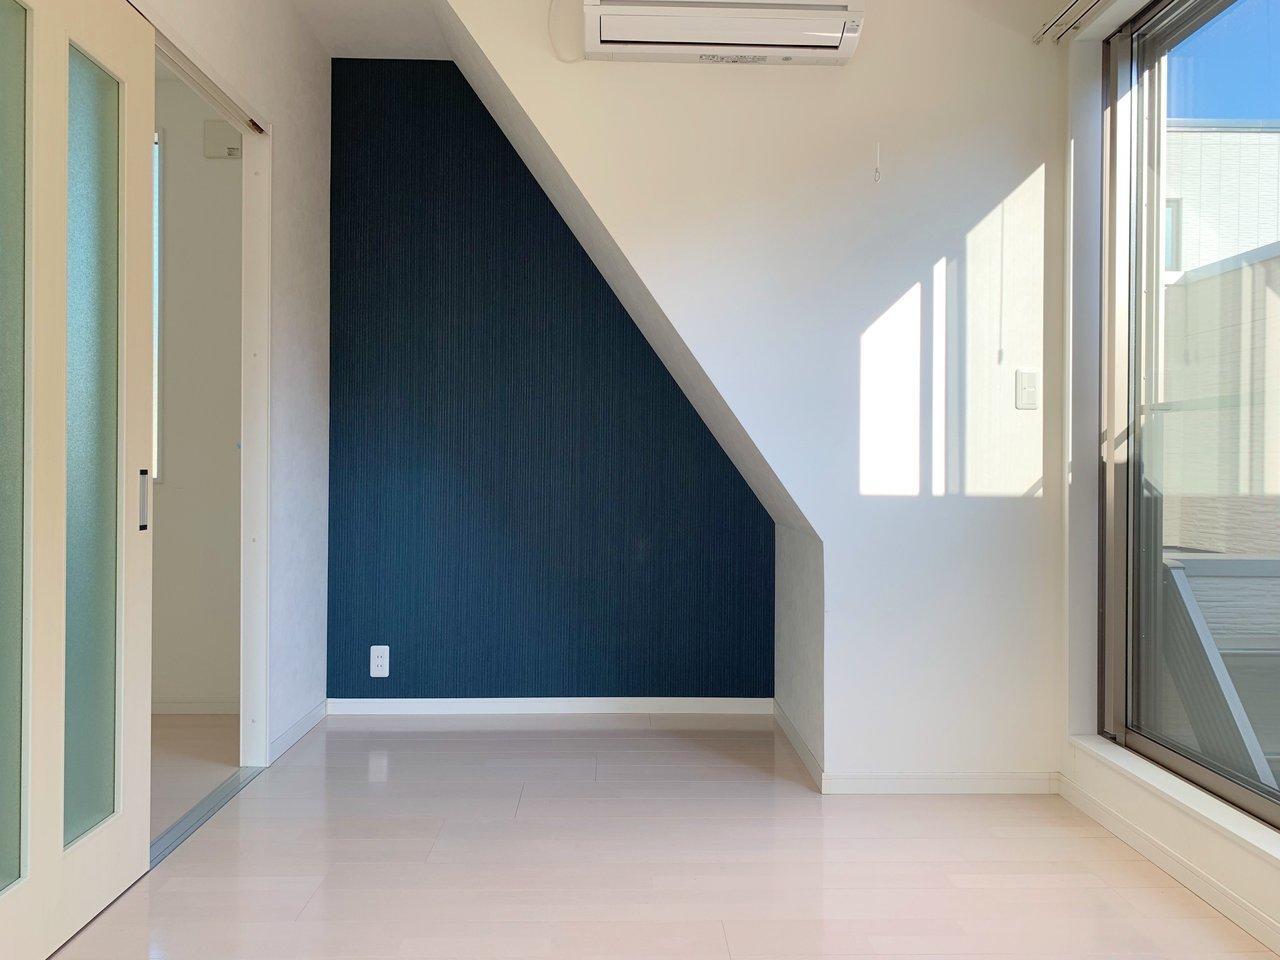 ブルーの壁紙が素敵なお部屋。